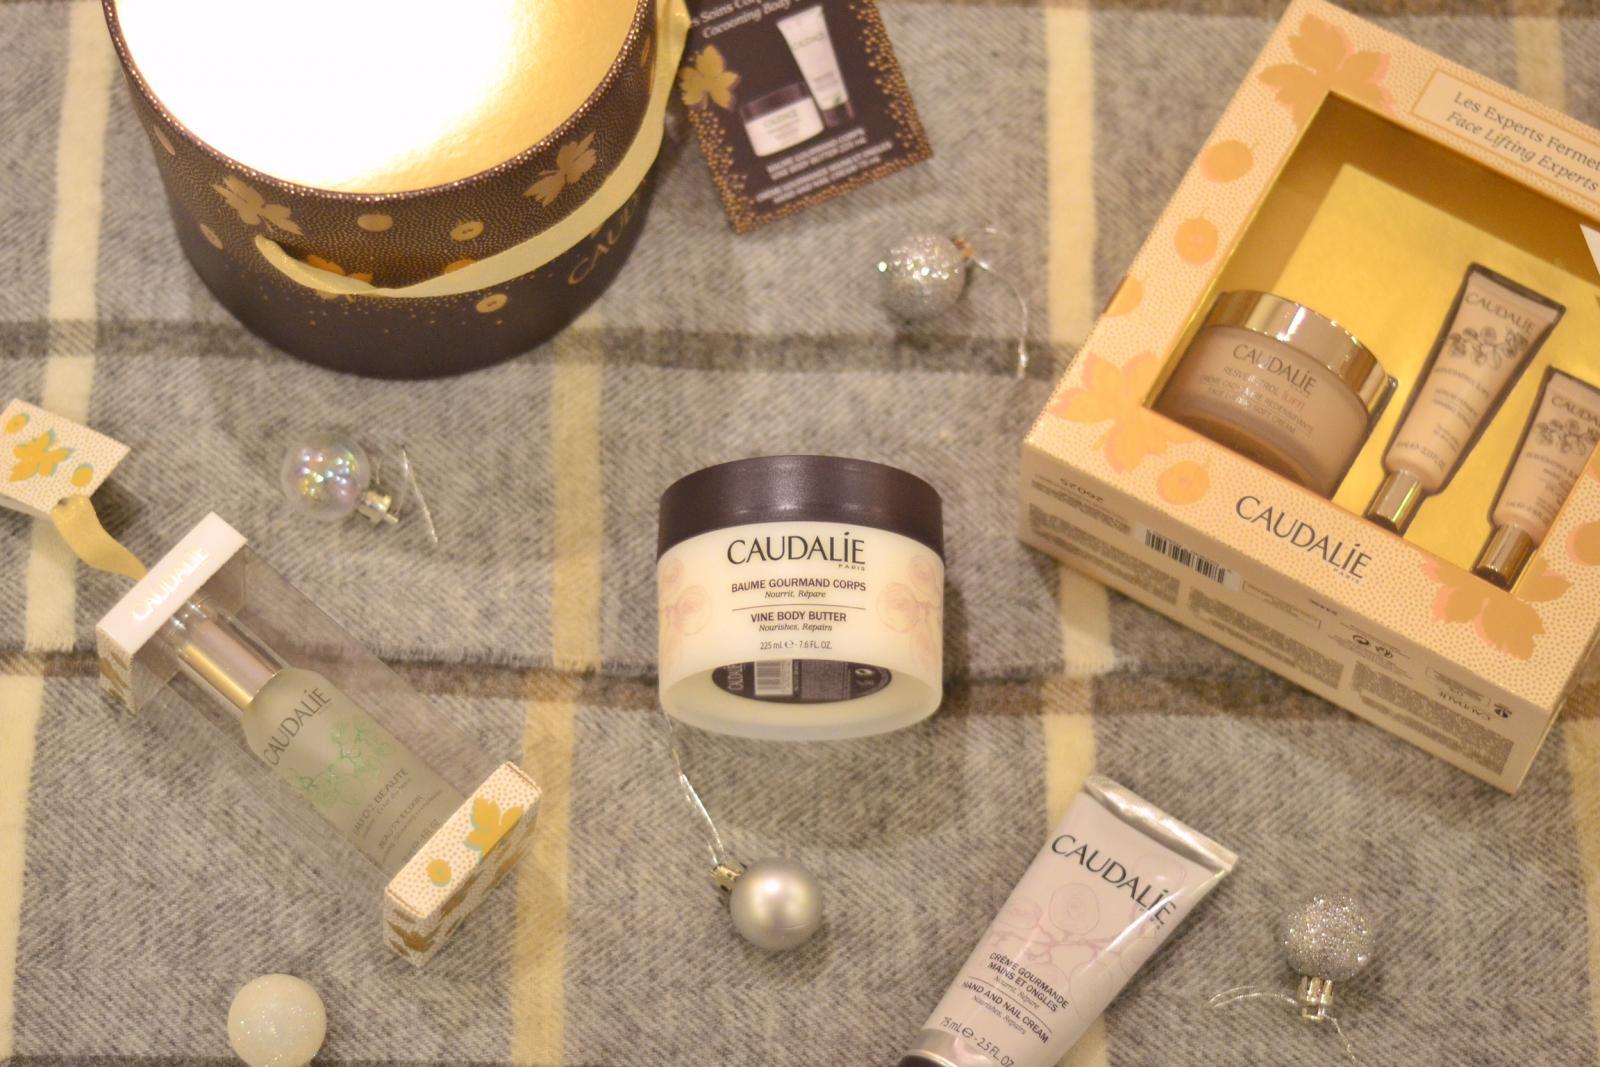 caudalie-gift-sets